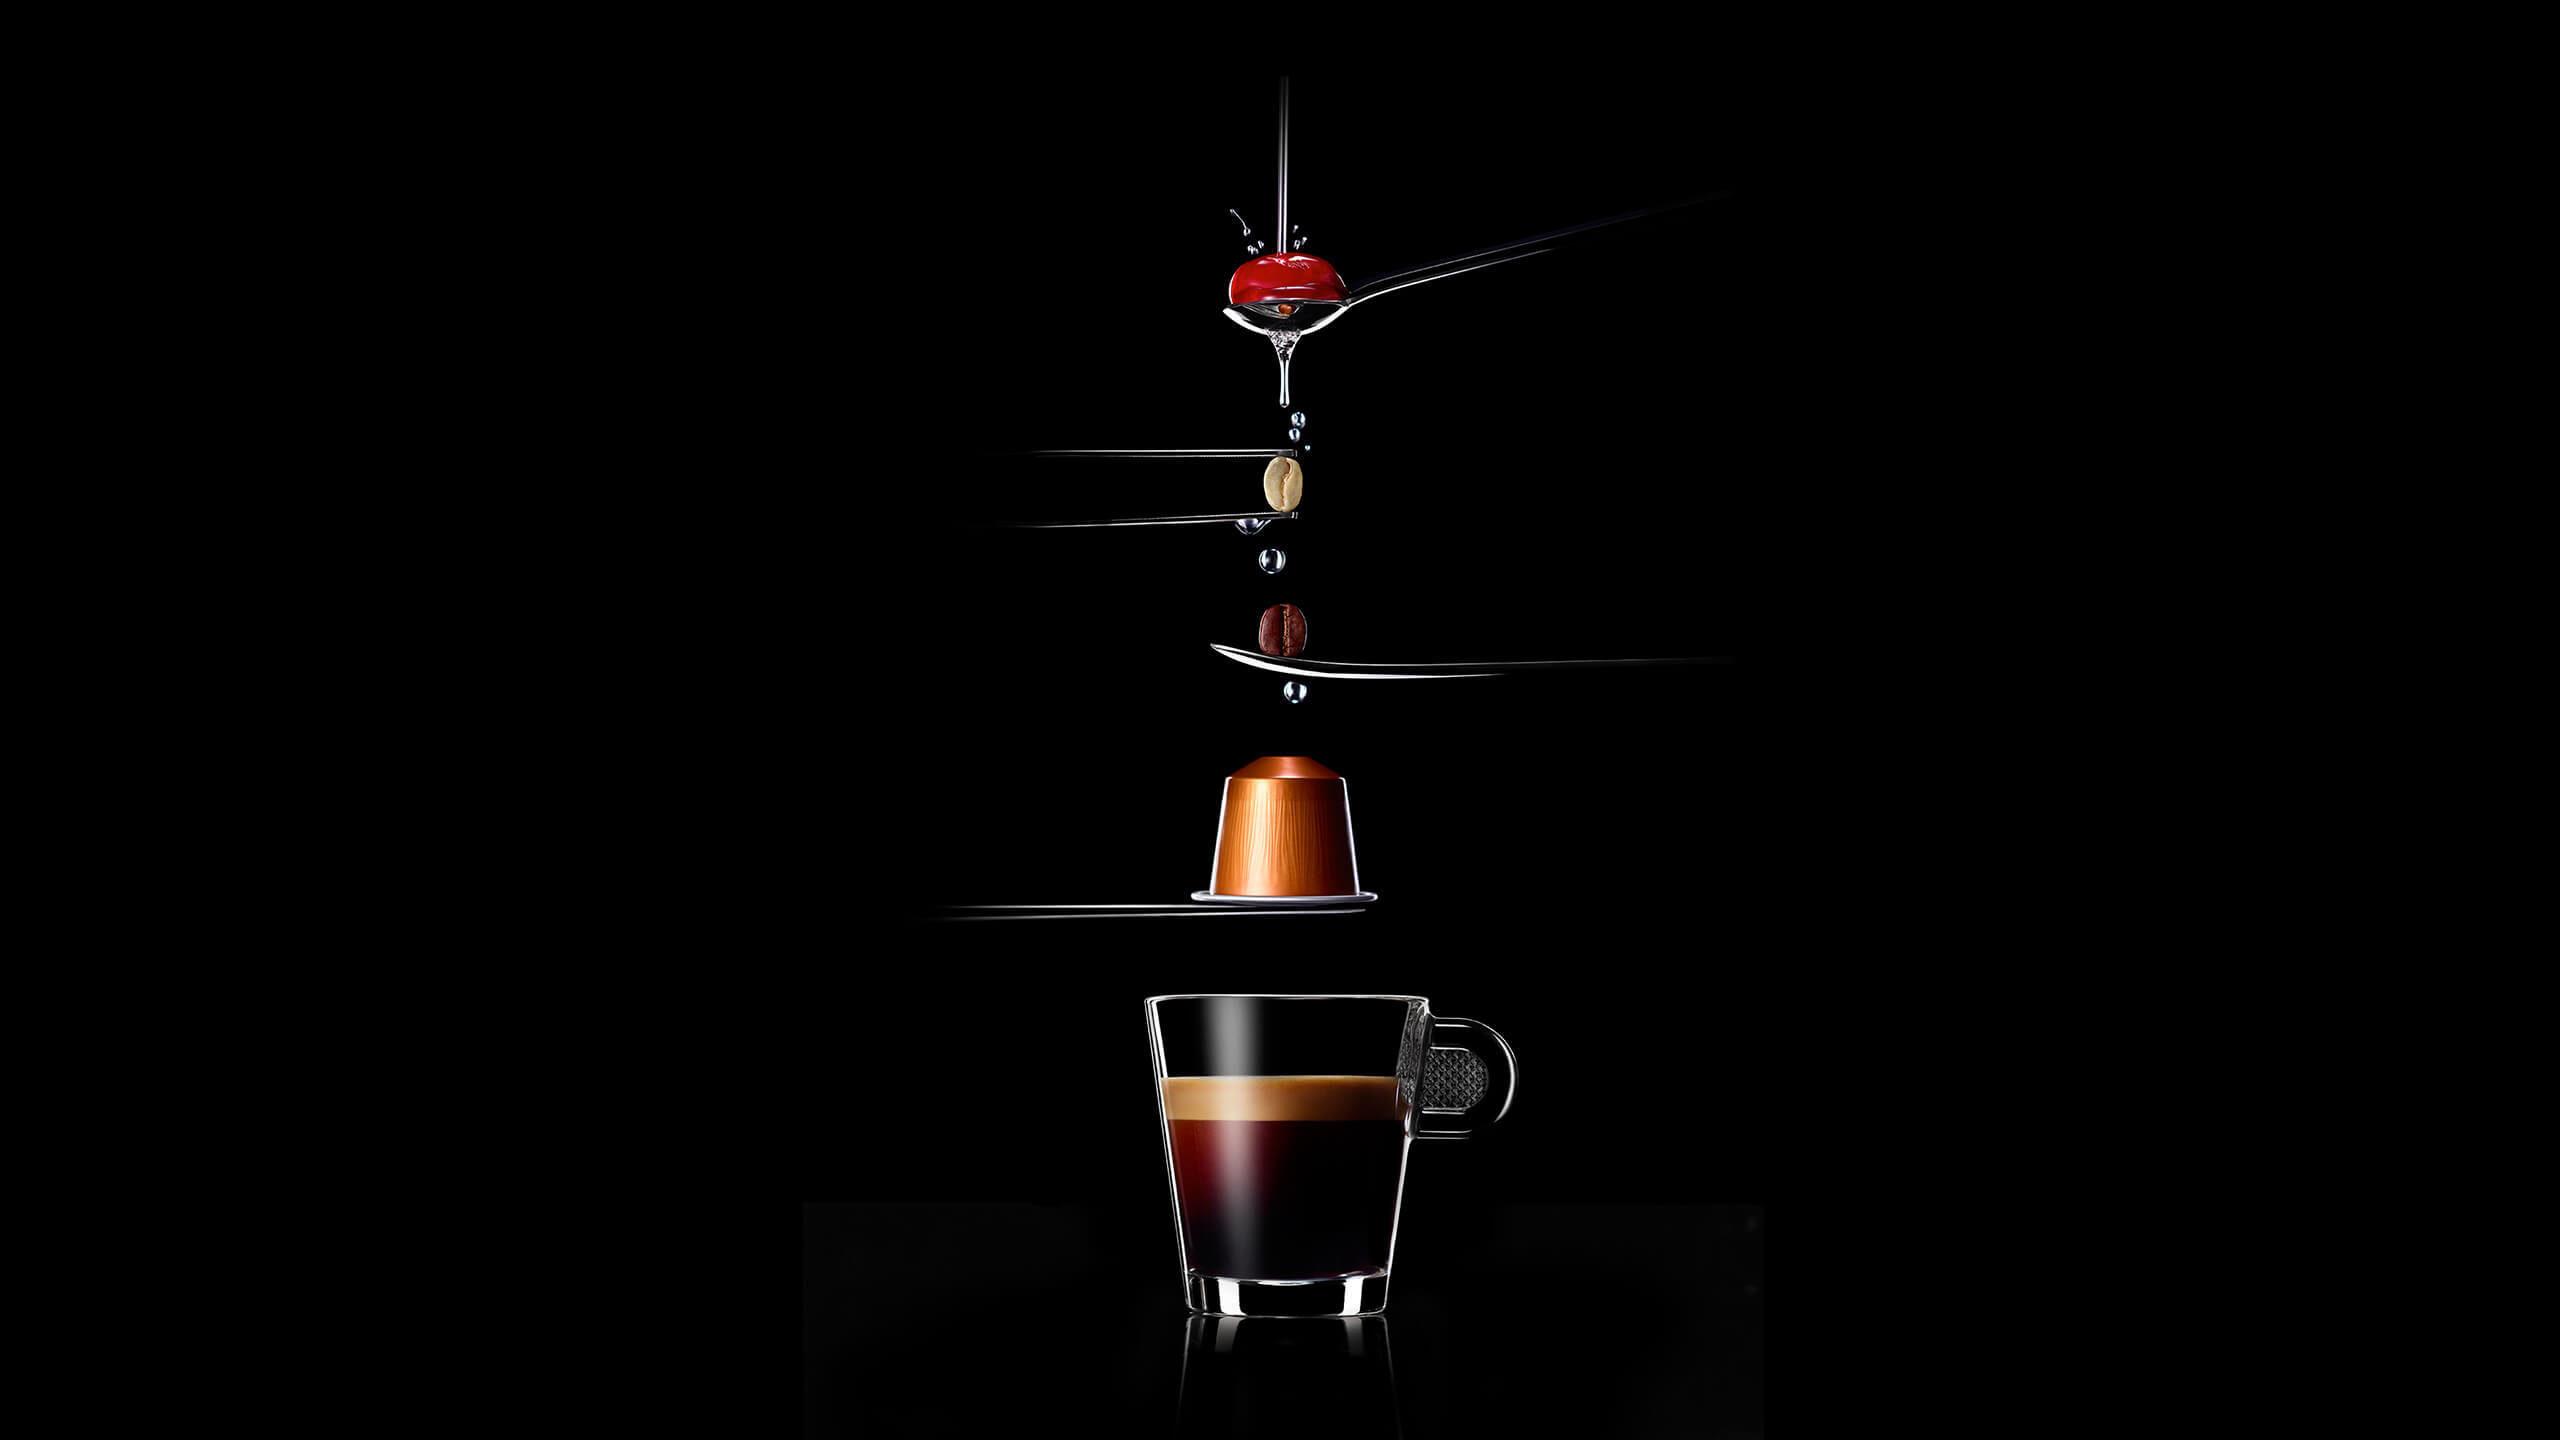 Universe Wallpaper Hd Nespresso Futurebrand